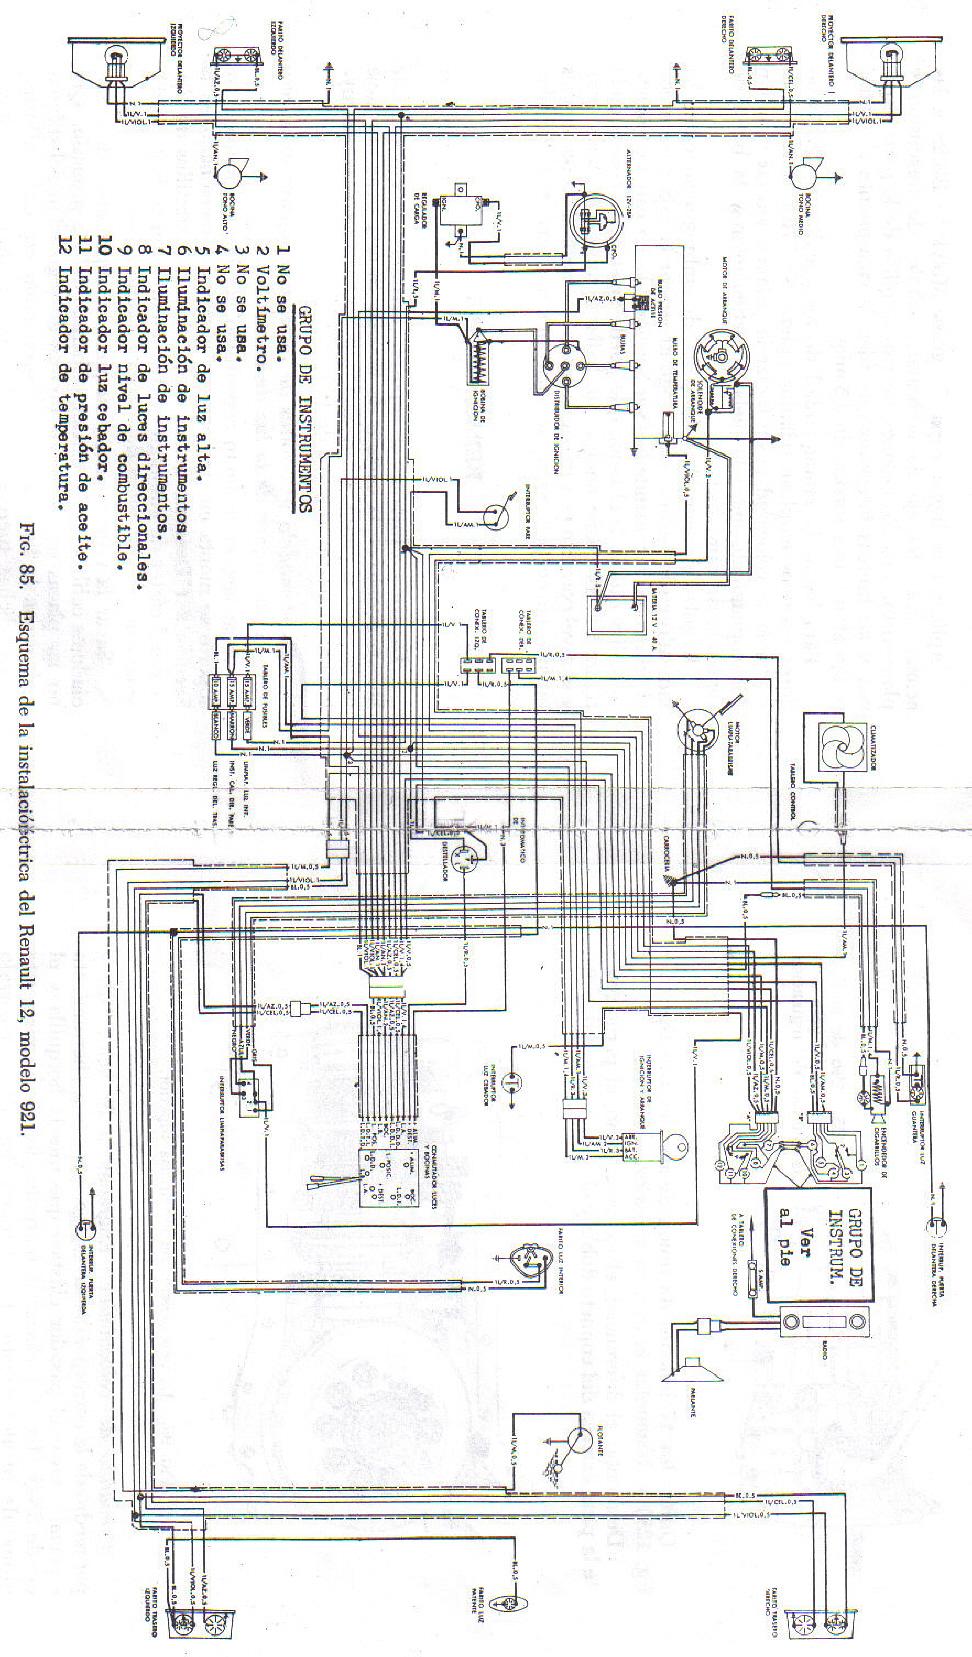 renault diagrama de cableado de serie warthen